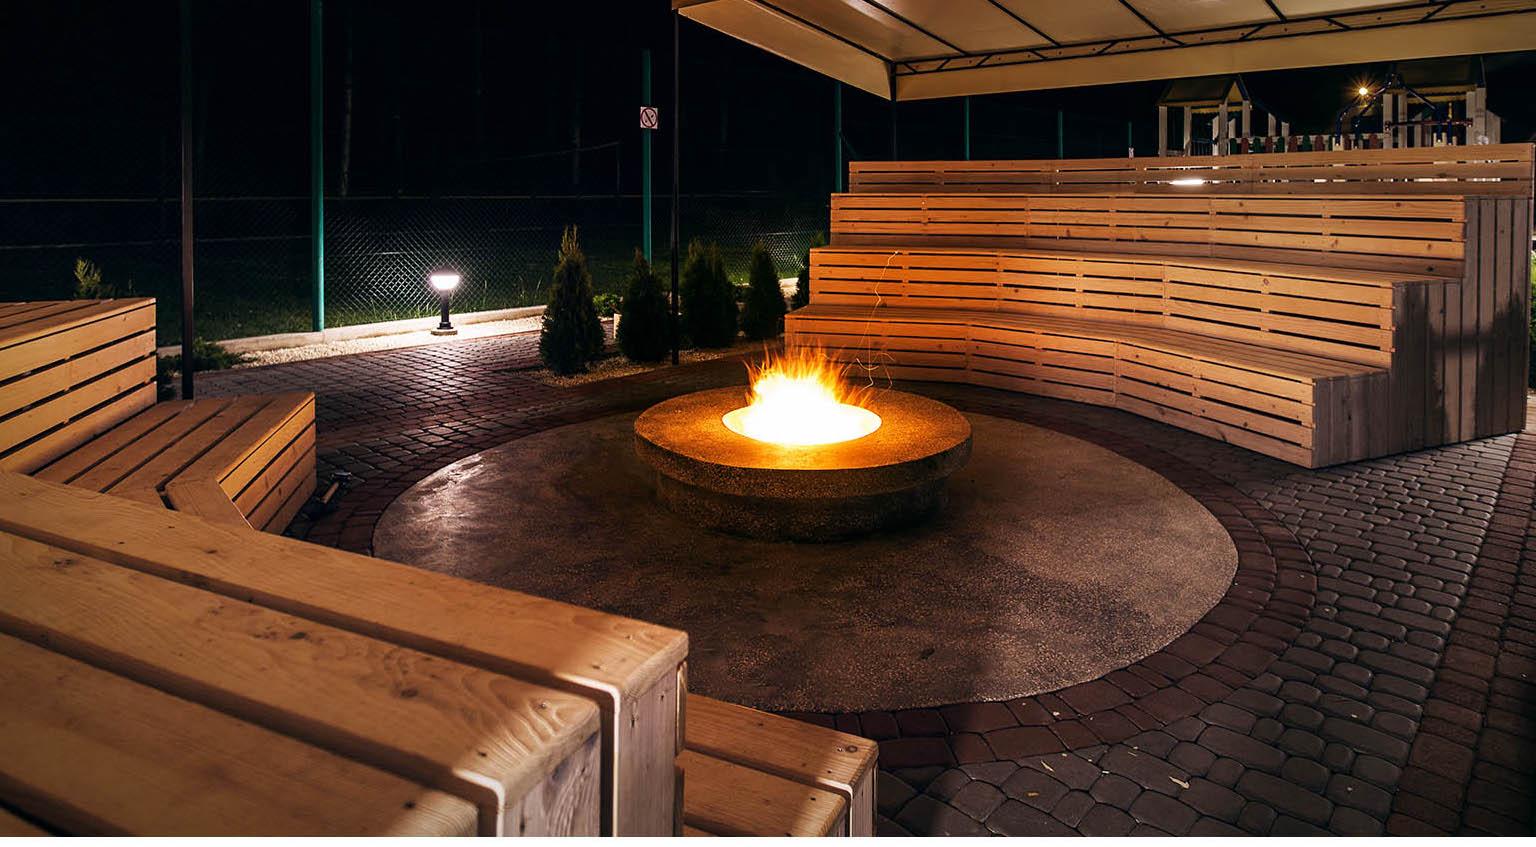 magnit-patio